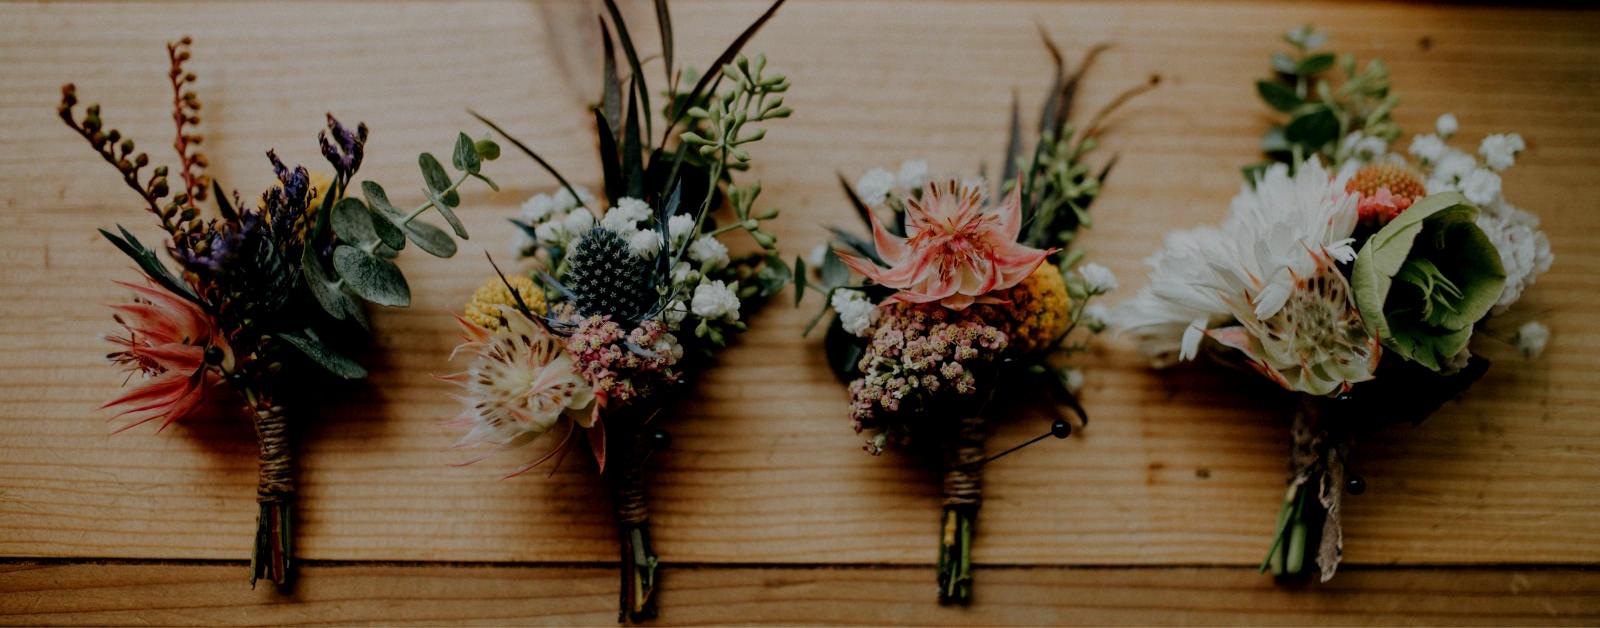 4 Brautsträuße auf einem Tisch